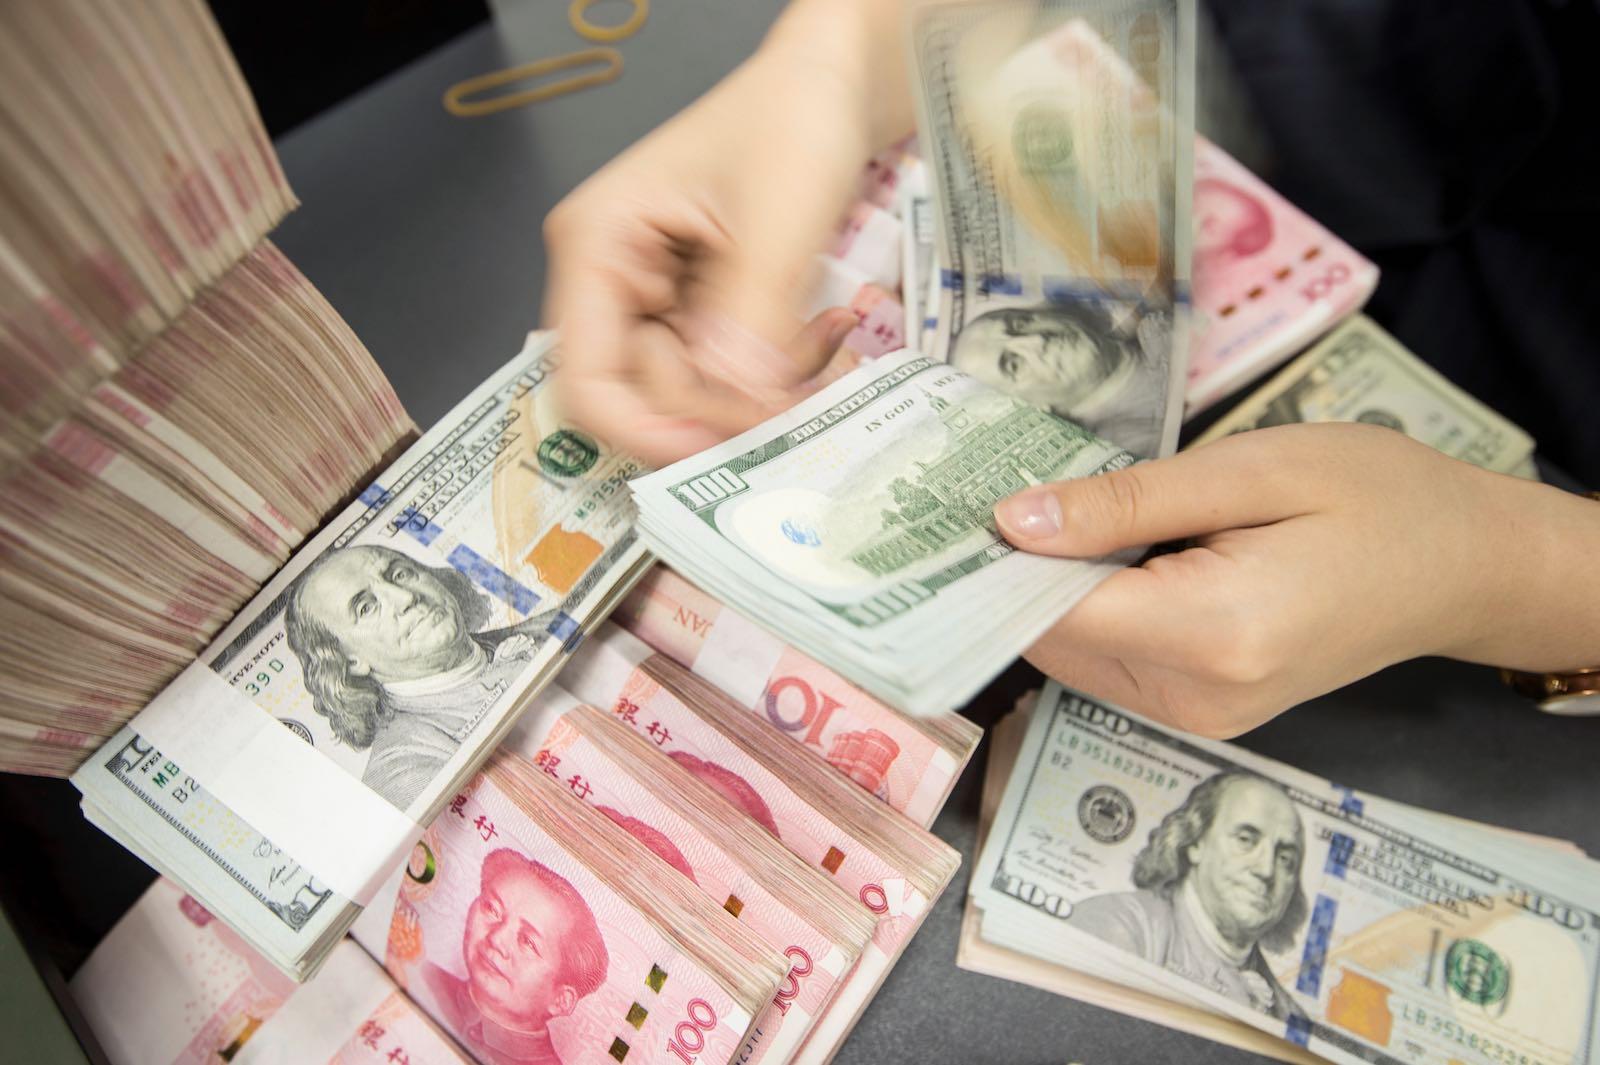 Việt Nam có thao túng tiền tệ như lời đồn